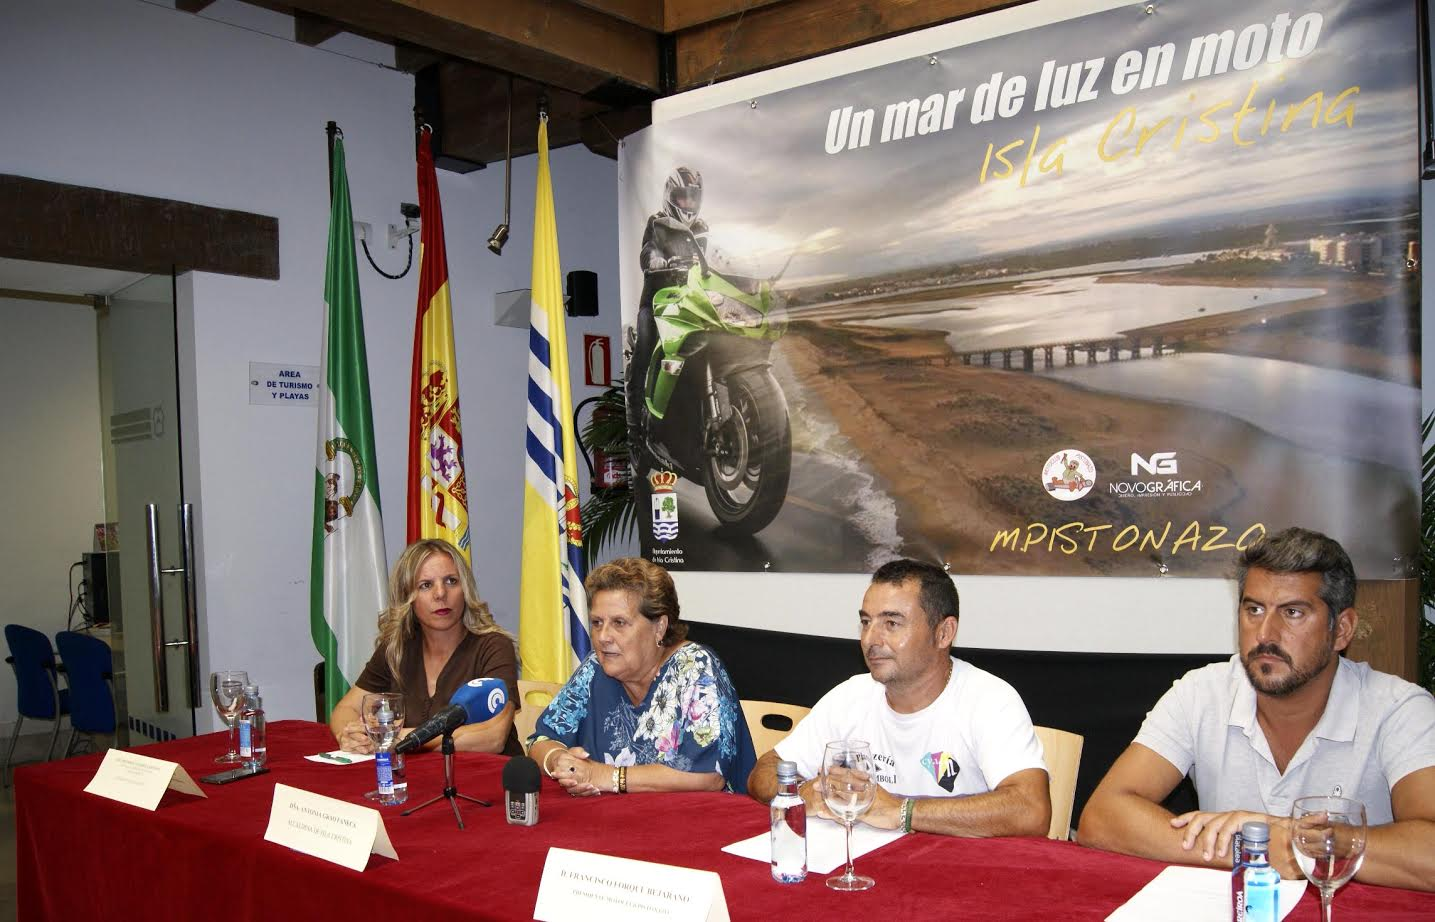 Isla Cristina acogerá la I Concentración 'Un Mar de Luz en moto'